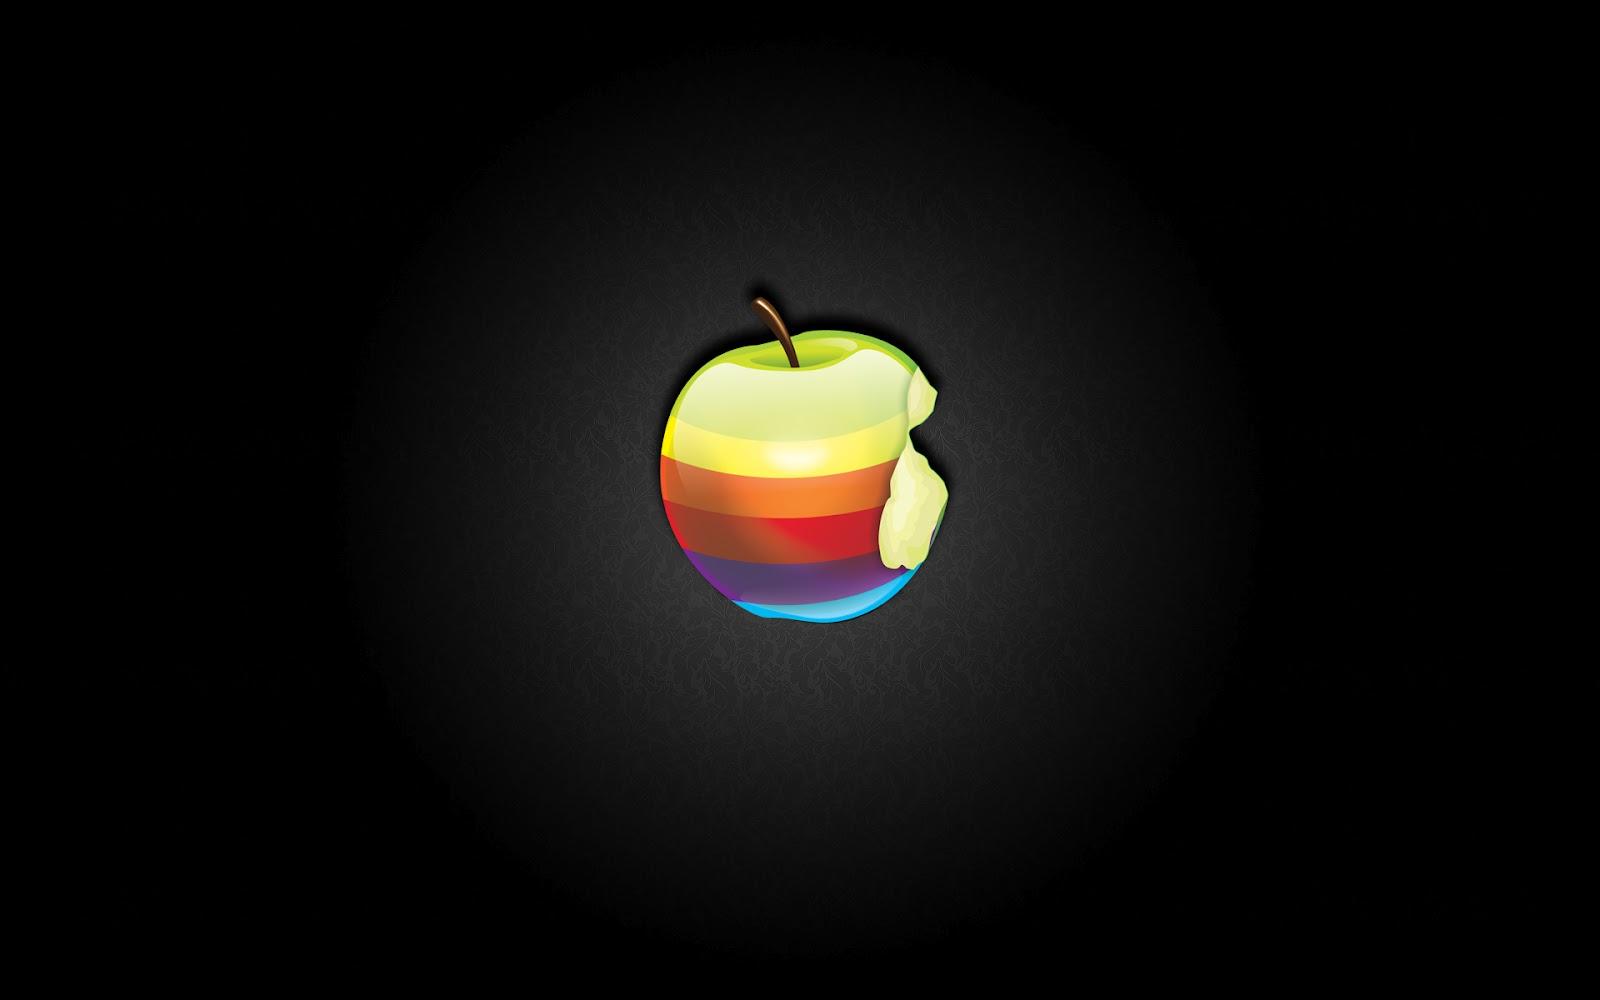 imagens de celular iphone - Conheça o iPhone 6 e o iPhone 6 Plus em 15 fotos Exame